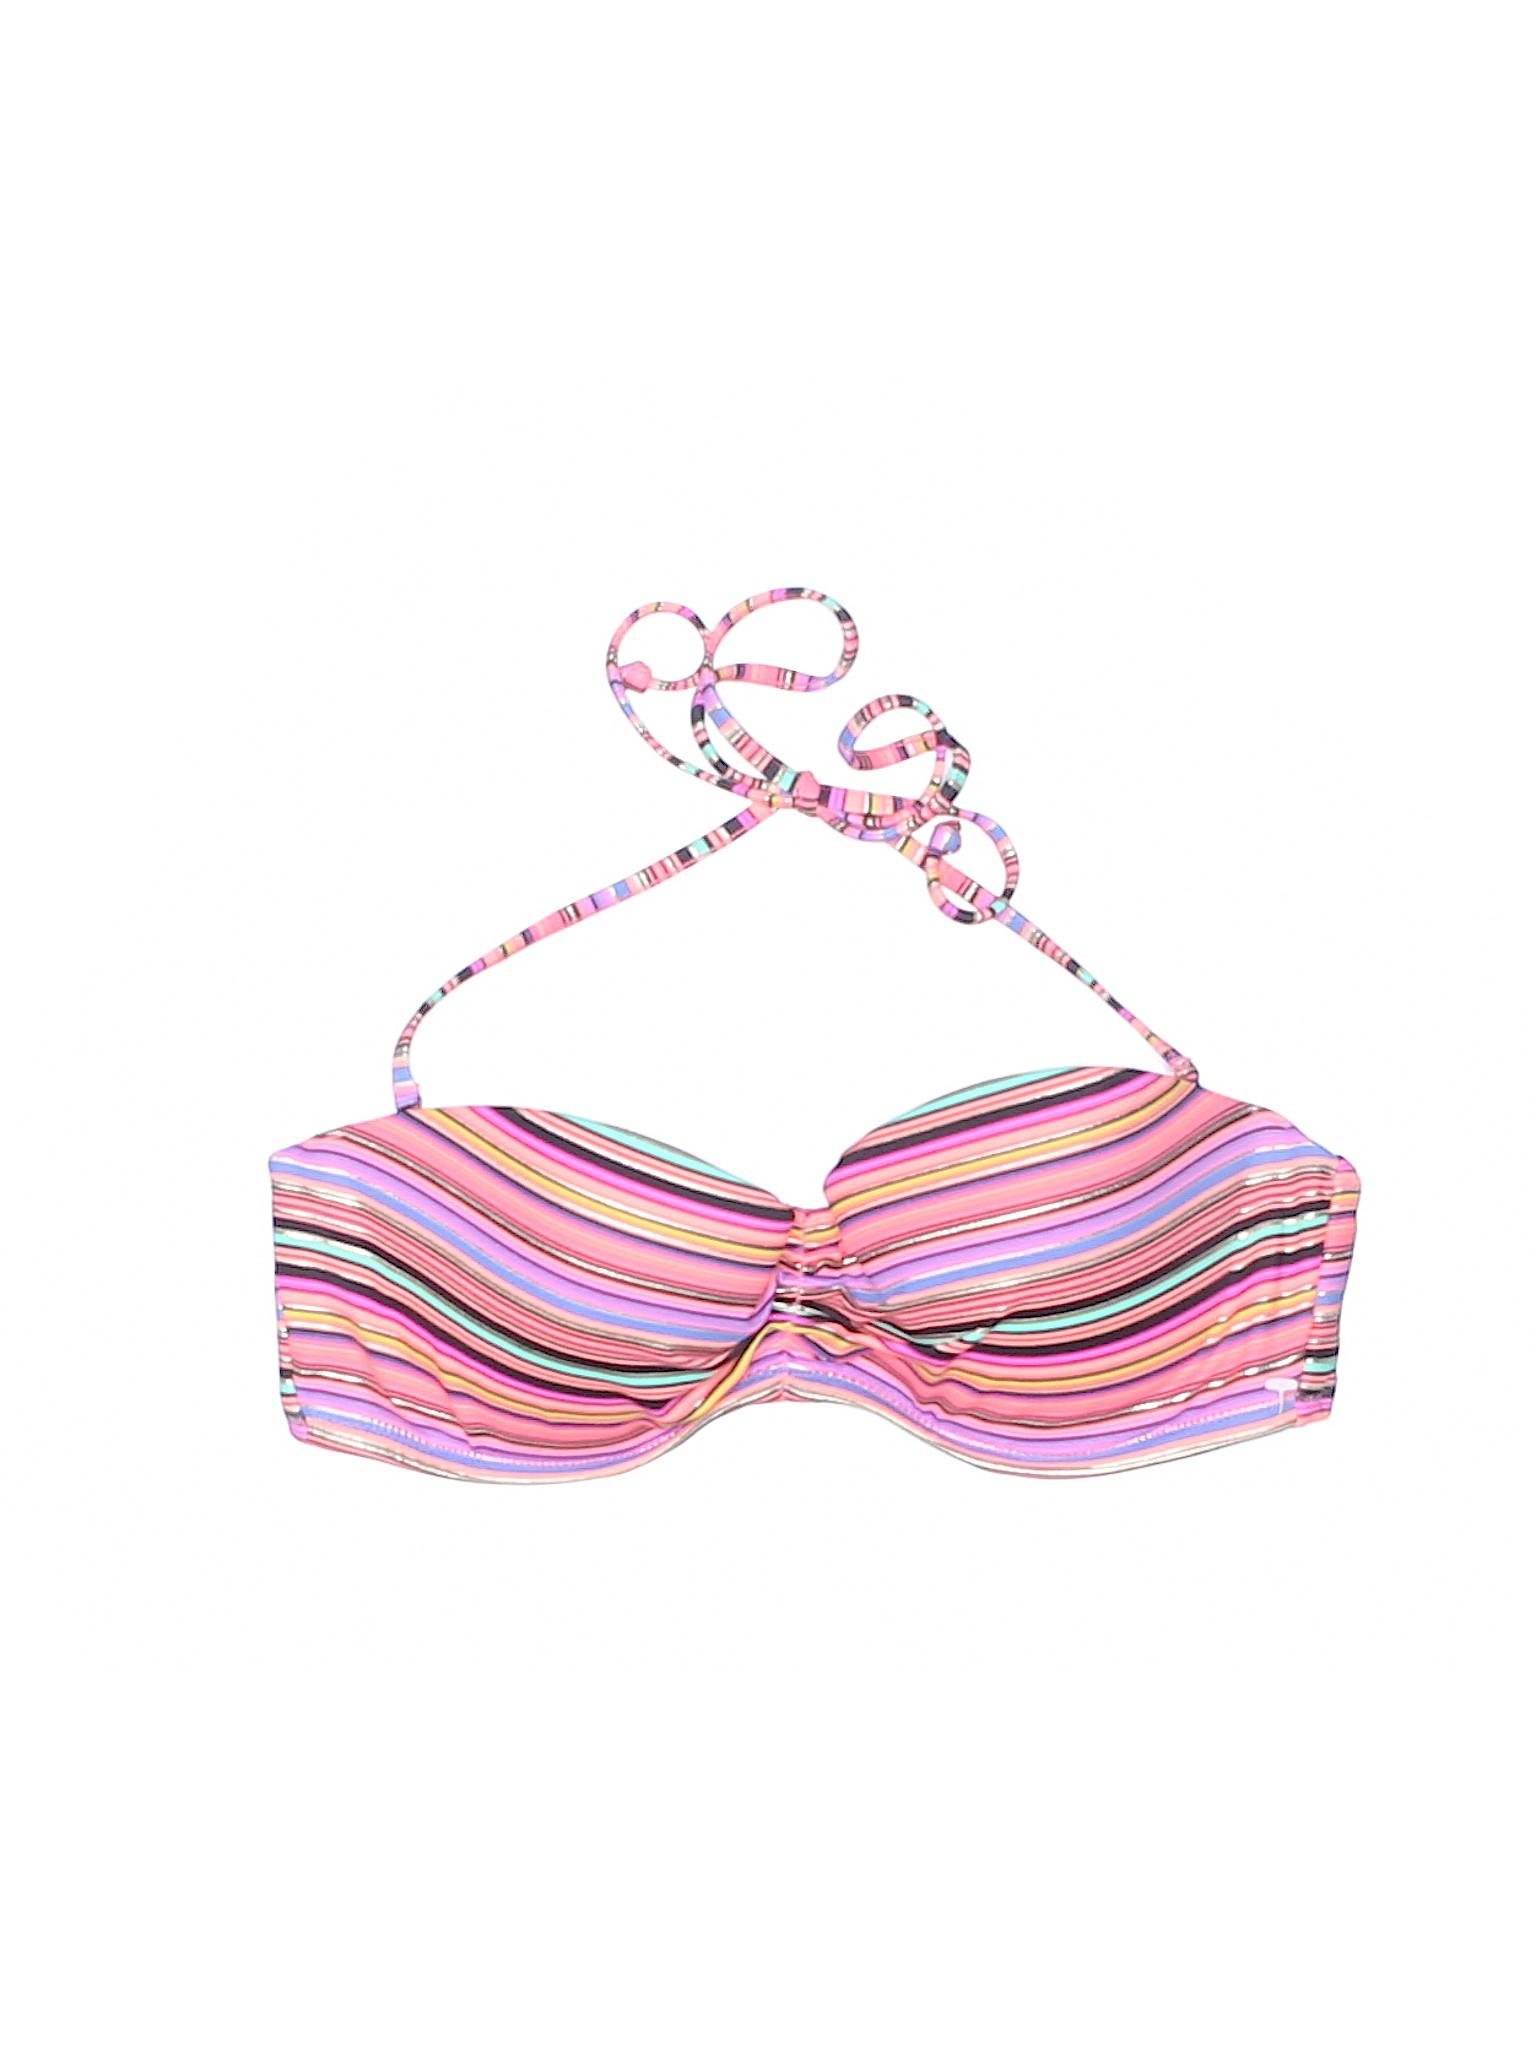 Victoria's Boutique Boutique Victoria's Swimsuit Secret Top Secret Swimsuit 7UOx7HqS